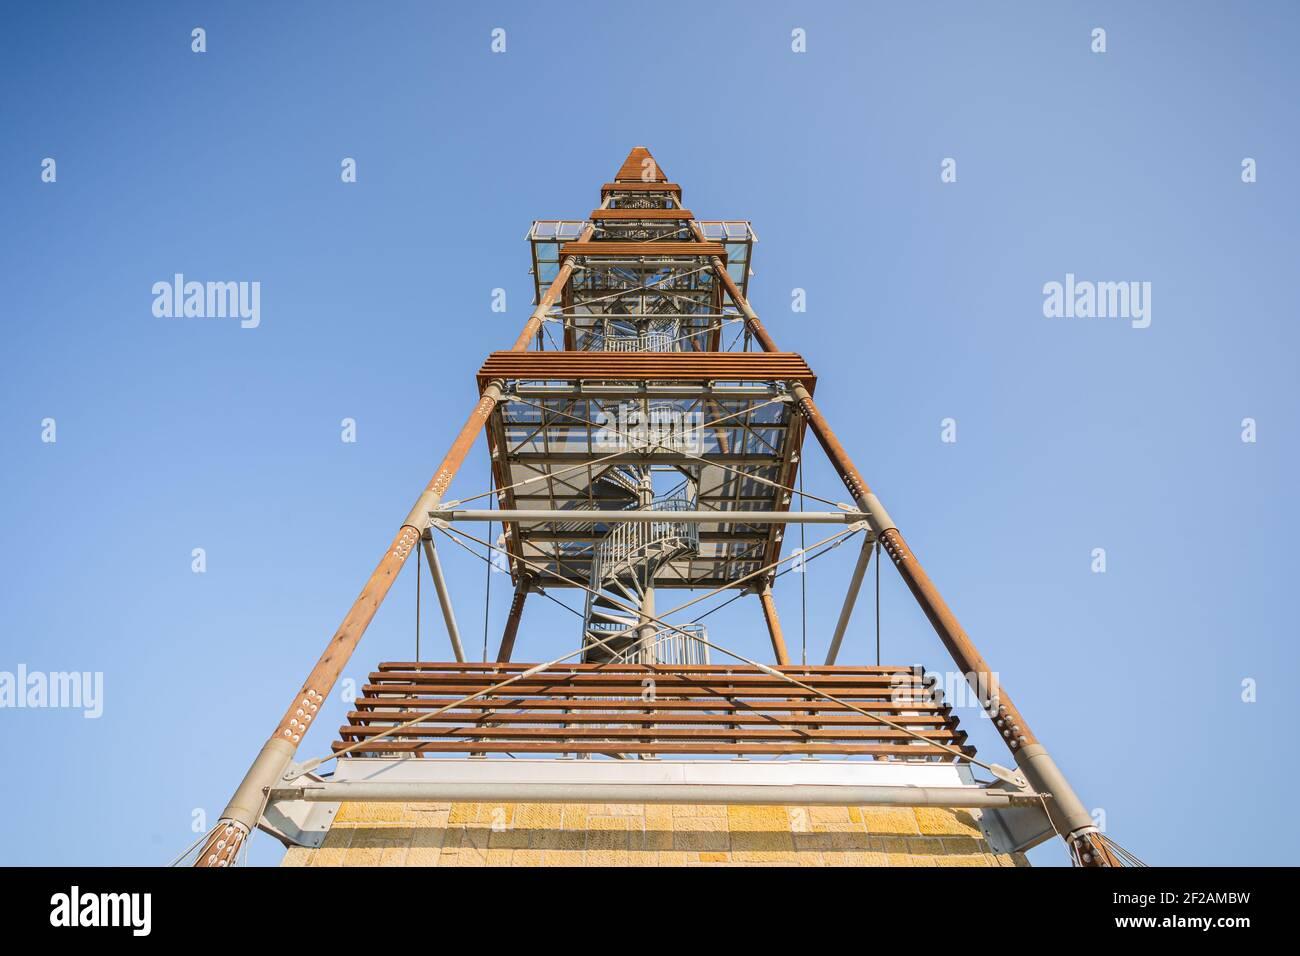 Torre de observación Cizovka es bastante nueva torre ner Cesky Raj - Paraíso Checo. Clima soleado con cielo despejado. Foto de stock